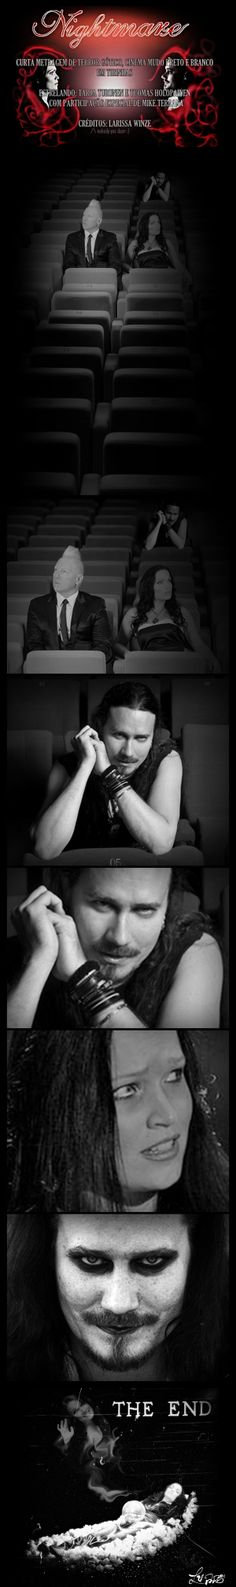 Nightwish / Tarja Turunen & Tuomas Holopainen  Nightmare - Tarja and Tuomas by LarissaWinze.deviantart.com on @deviantART